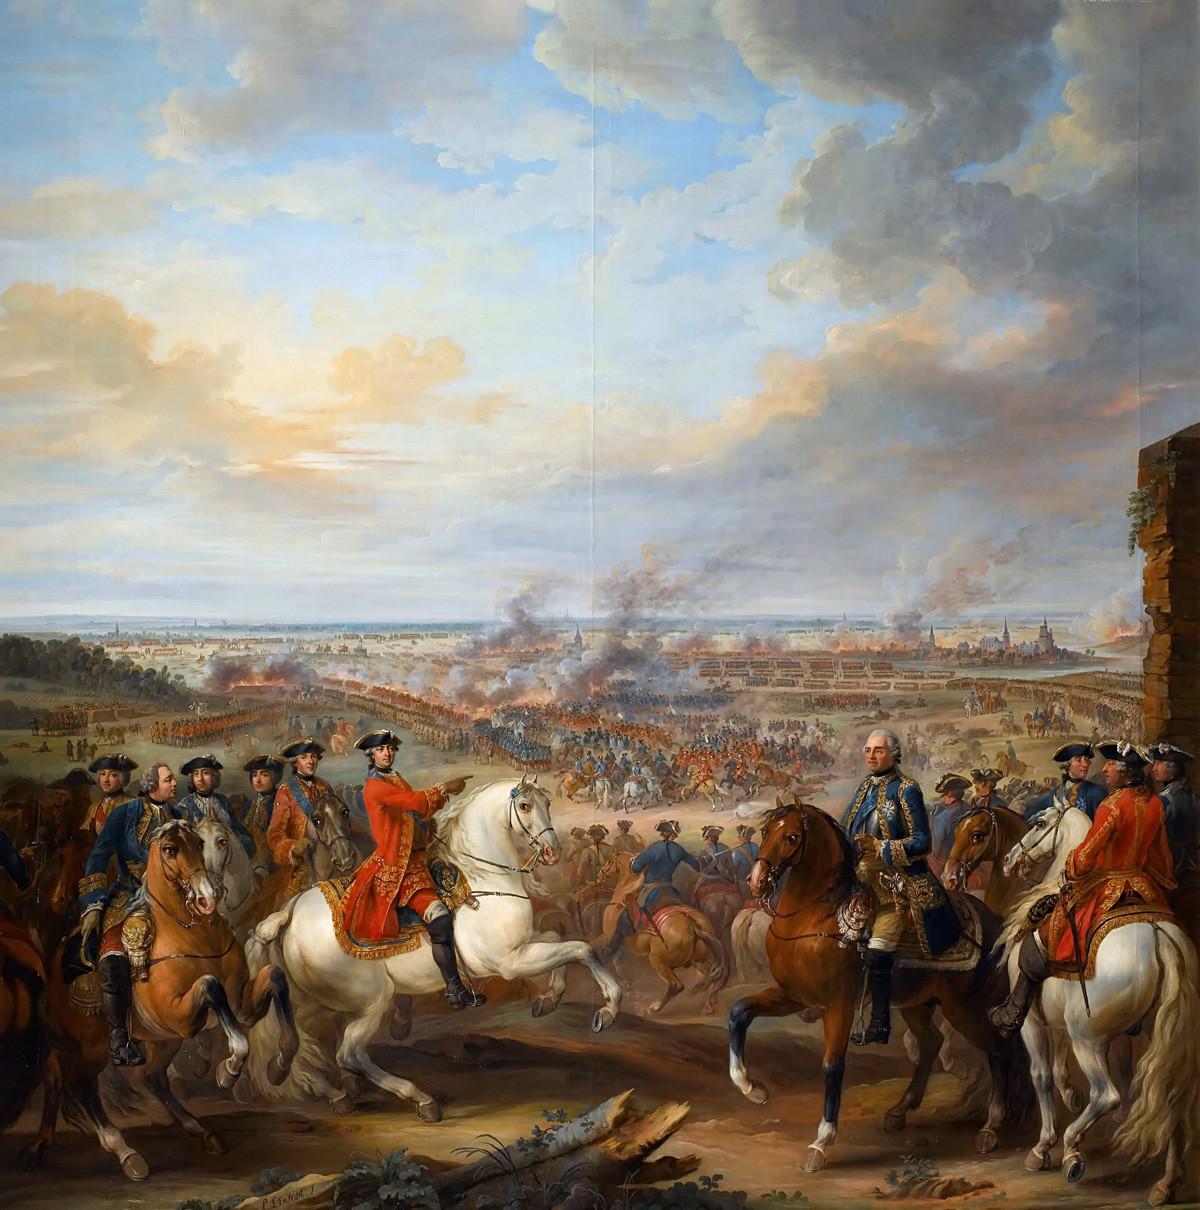 Битка код Фонтноа, 11. маја 1745. Пронађено у колекцији Музеја историје Француске у Версајском замку.